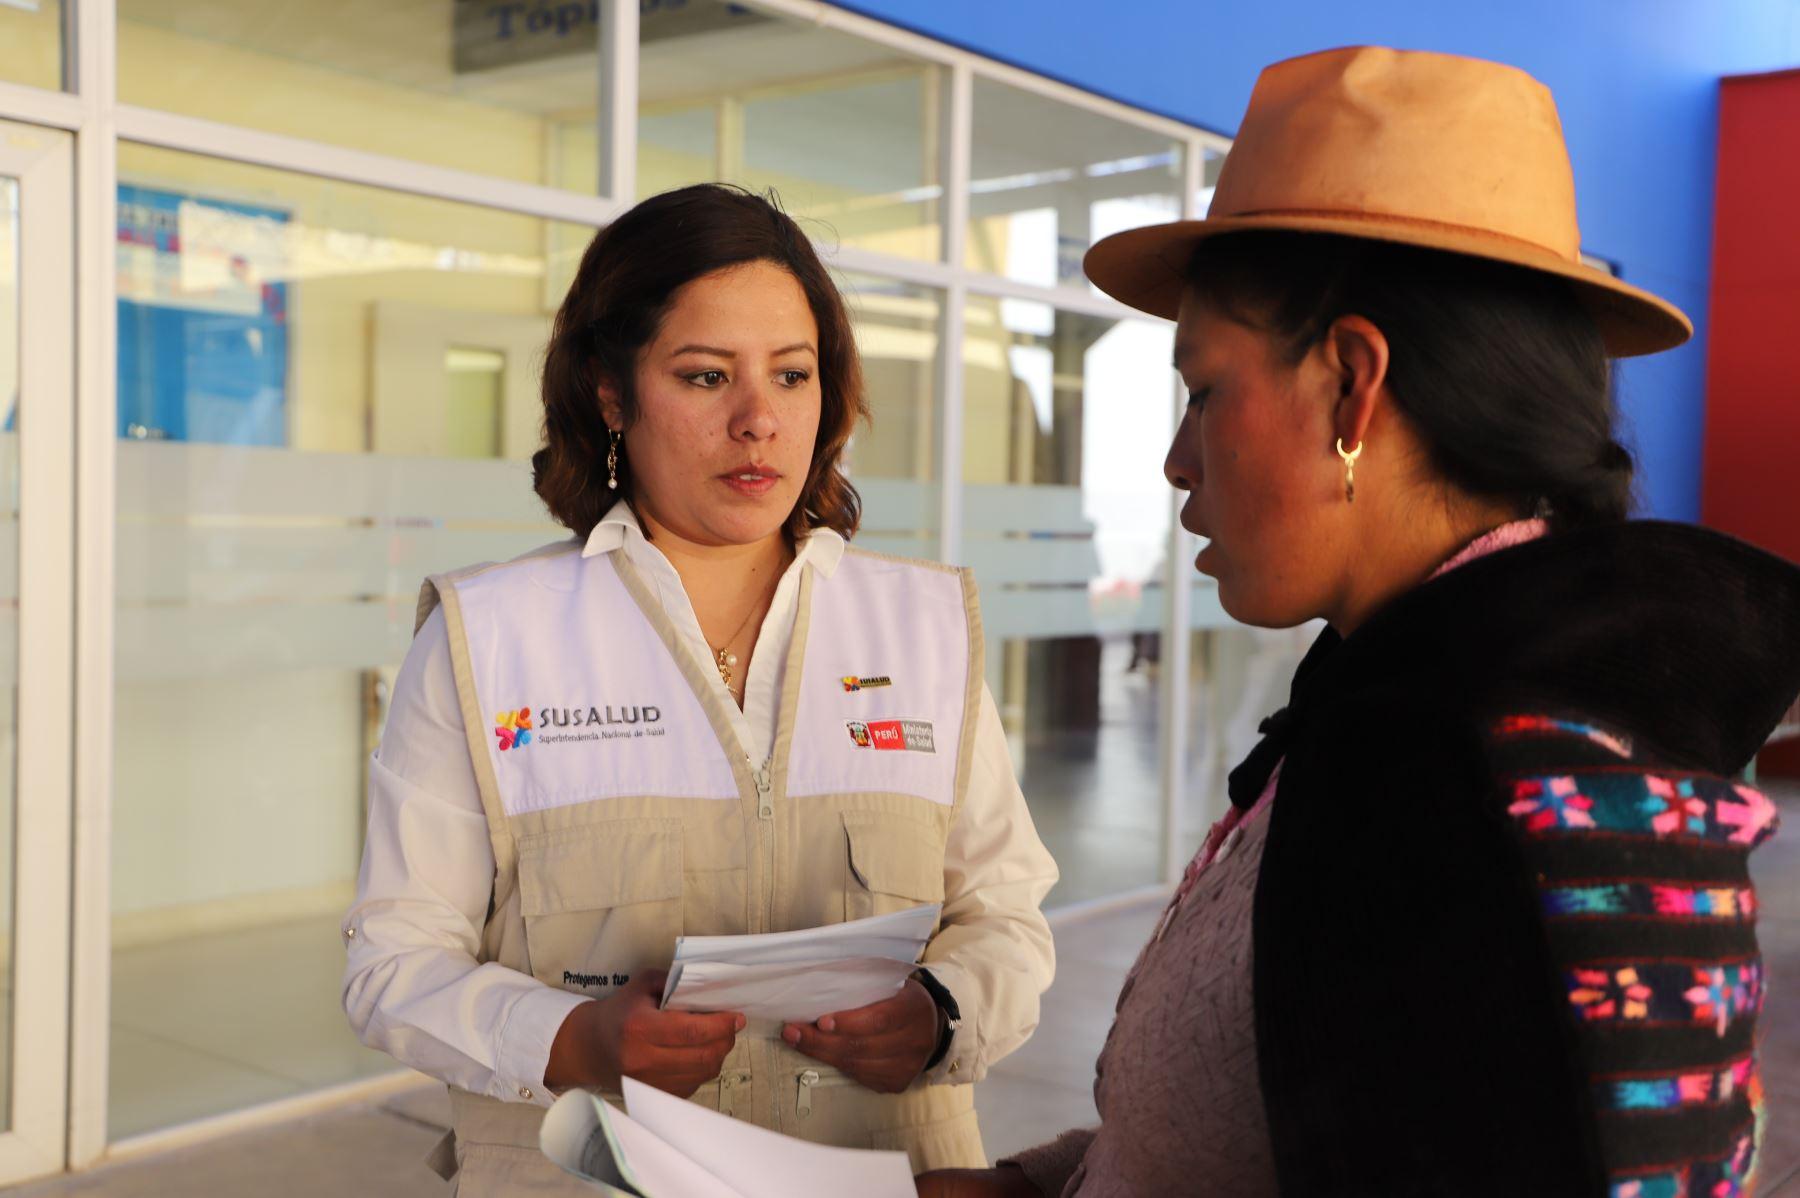 Susalud pone delegados quechua hablantes a disposición de la población